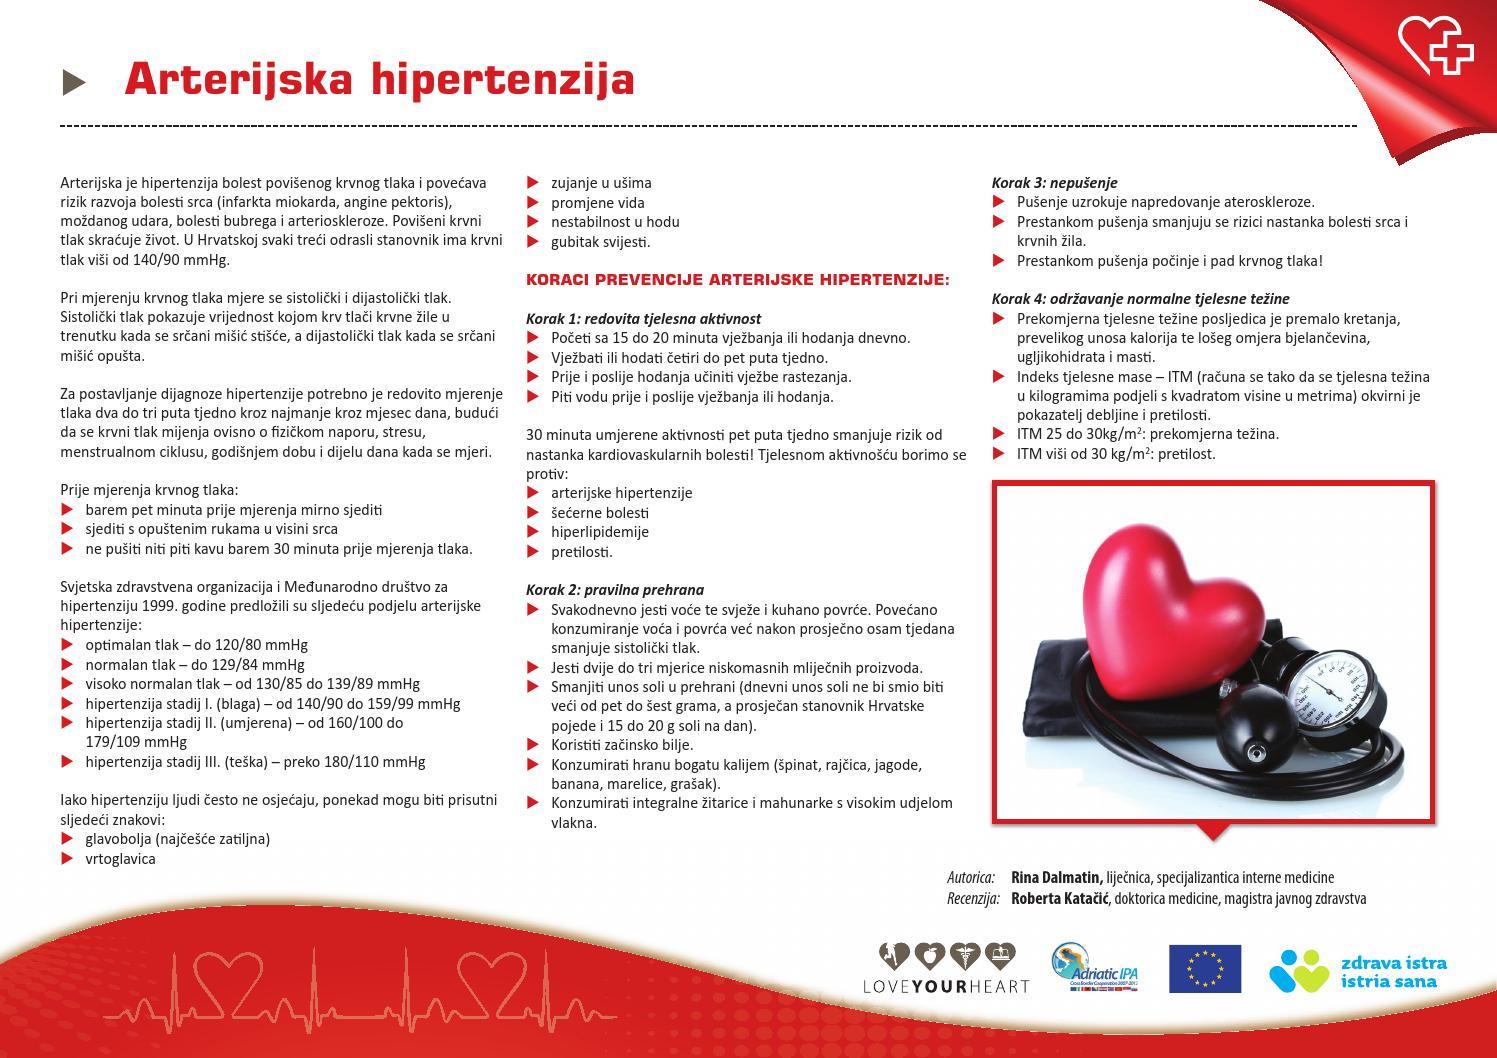 lijek iz algi od hipertenzije